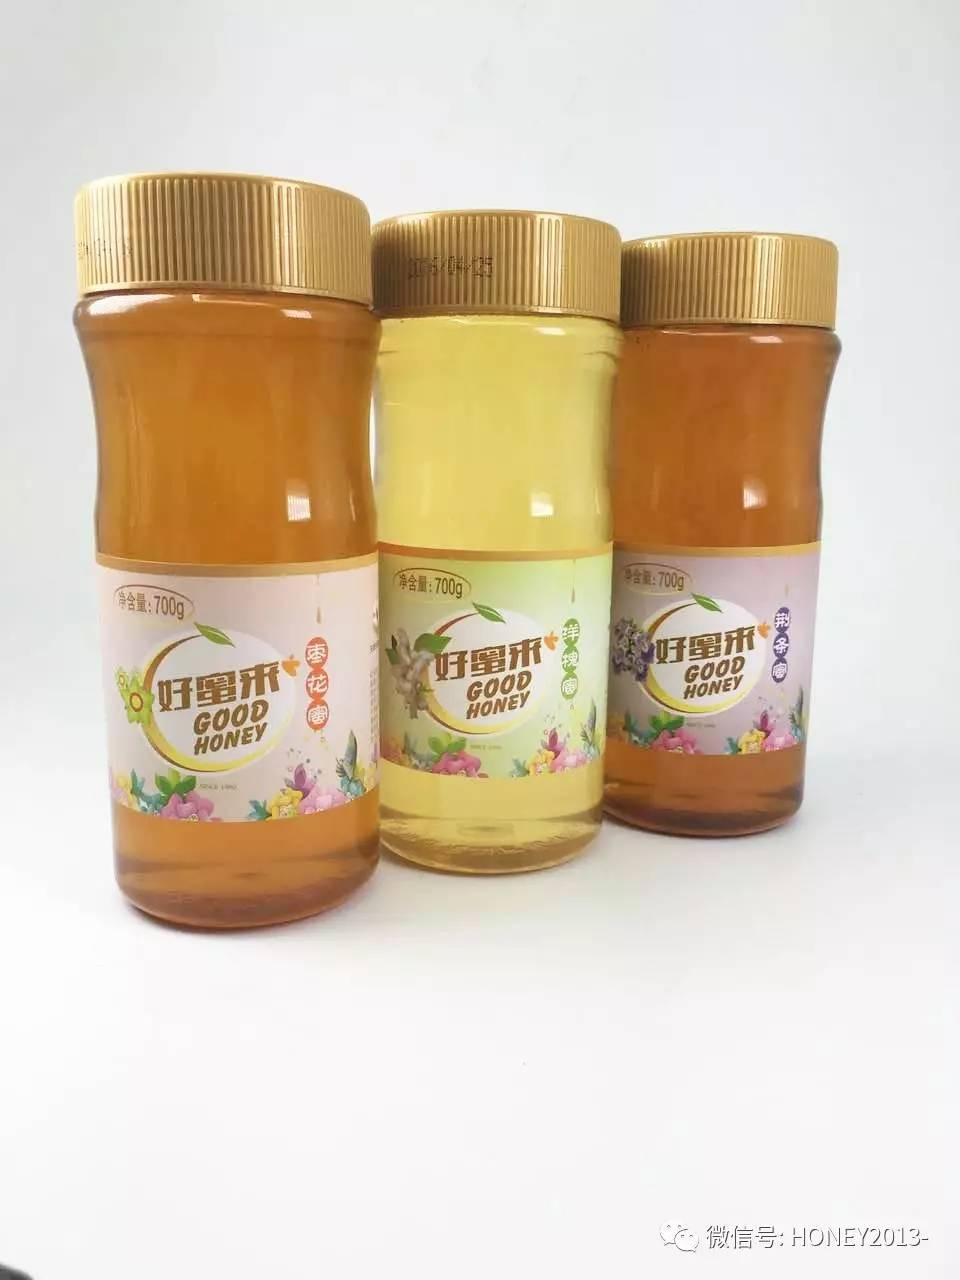 蜂蜜与四叶草真人 牛奶麦片可以加蜂蜜吗 厦门蜂蜜公司 海鲸花蜂蜜 蜂蜜调黑木耳